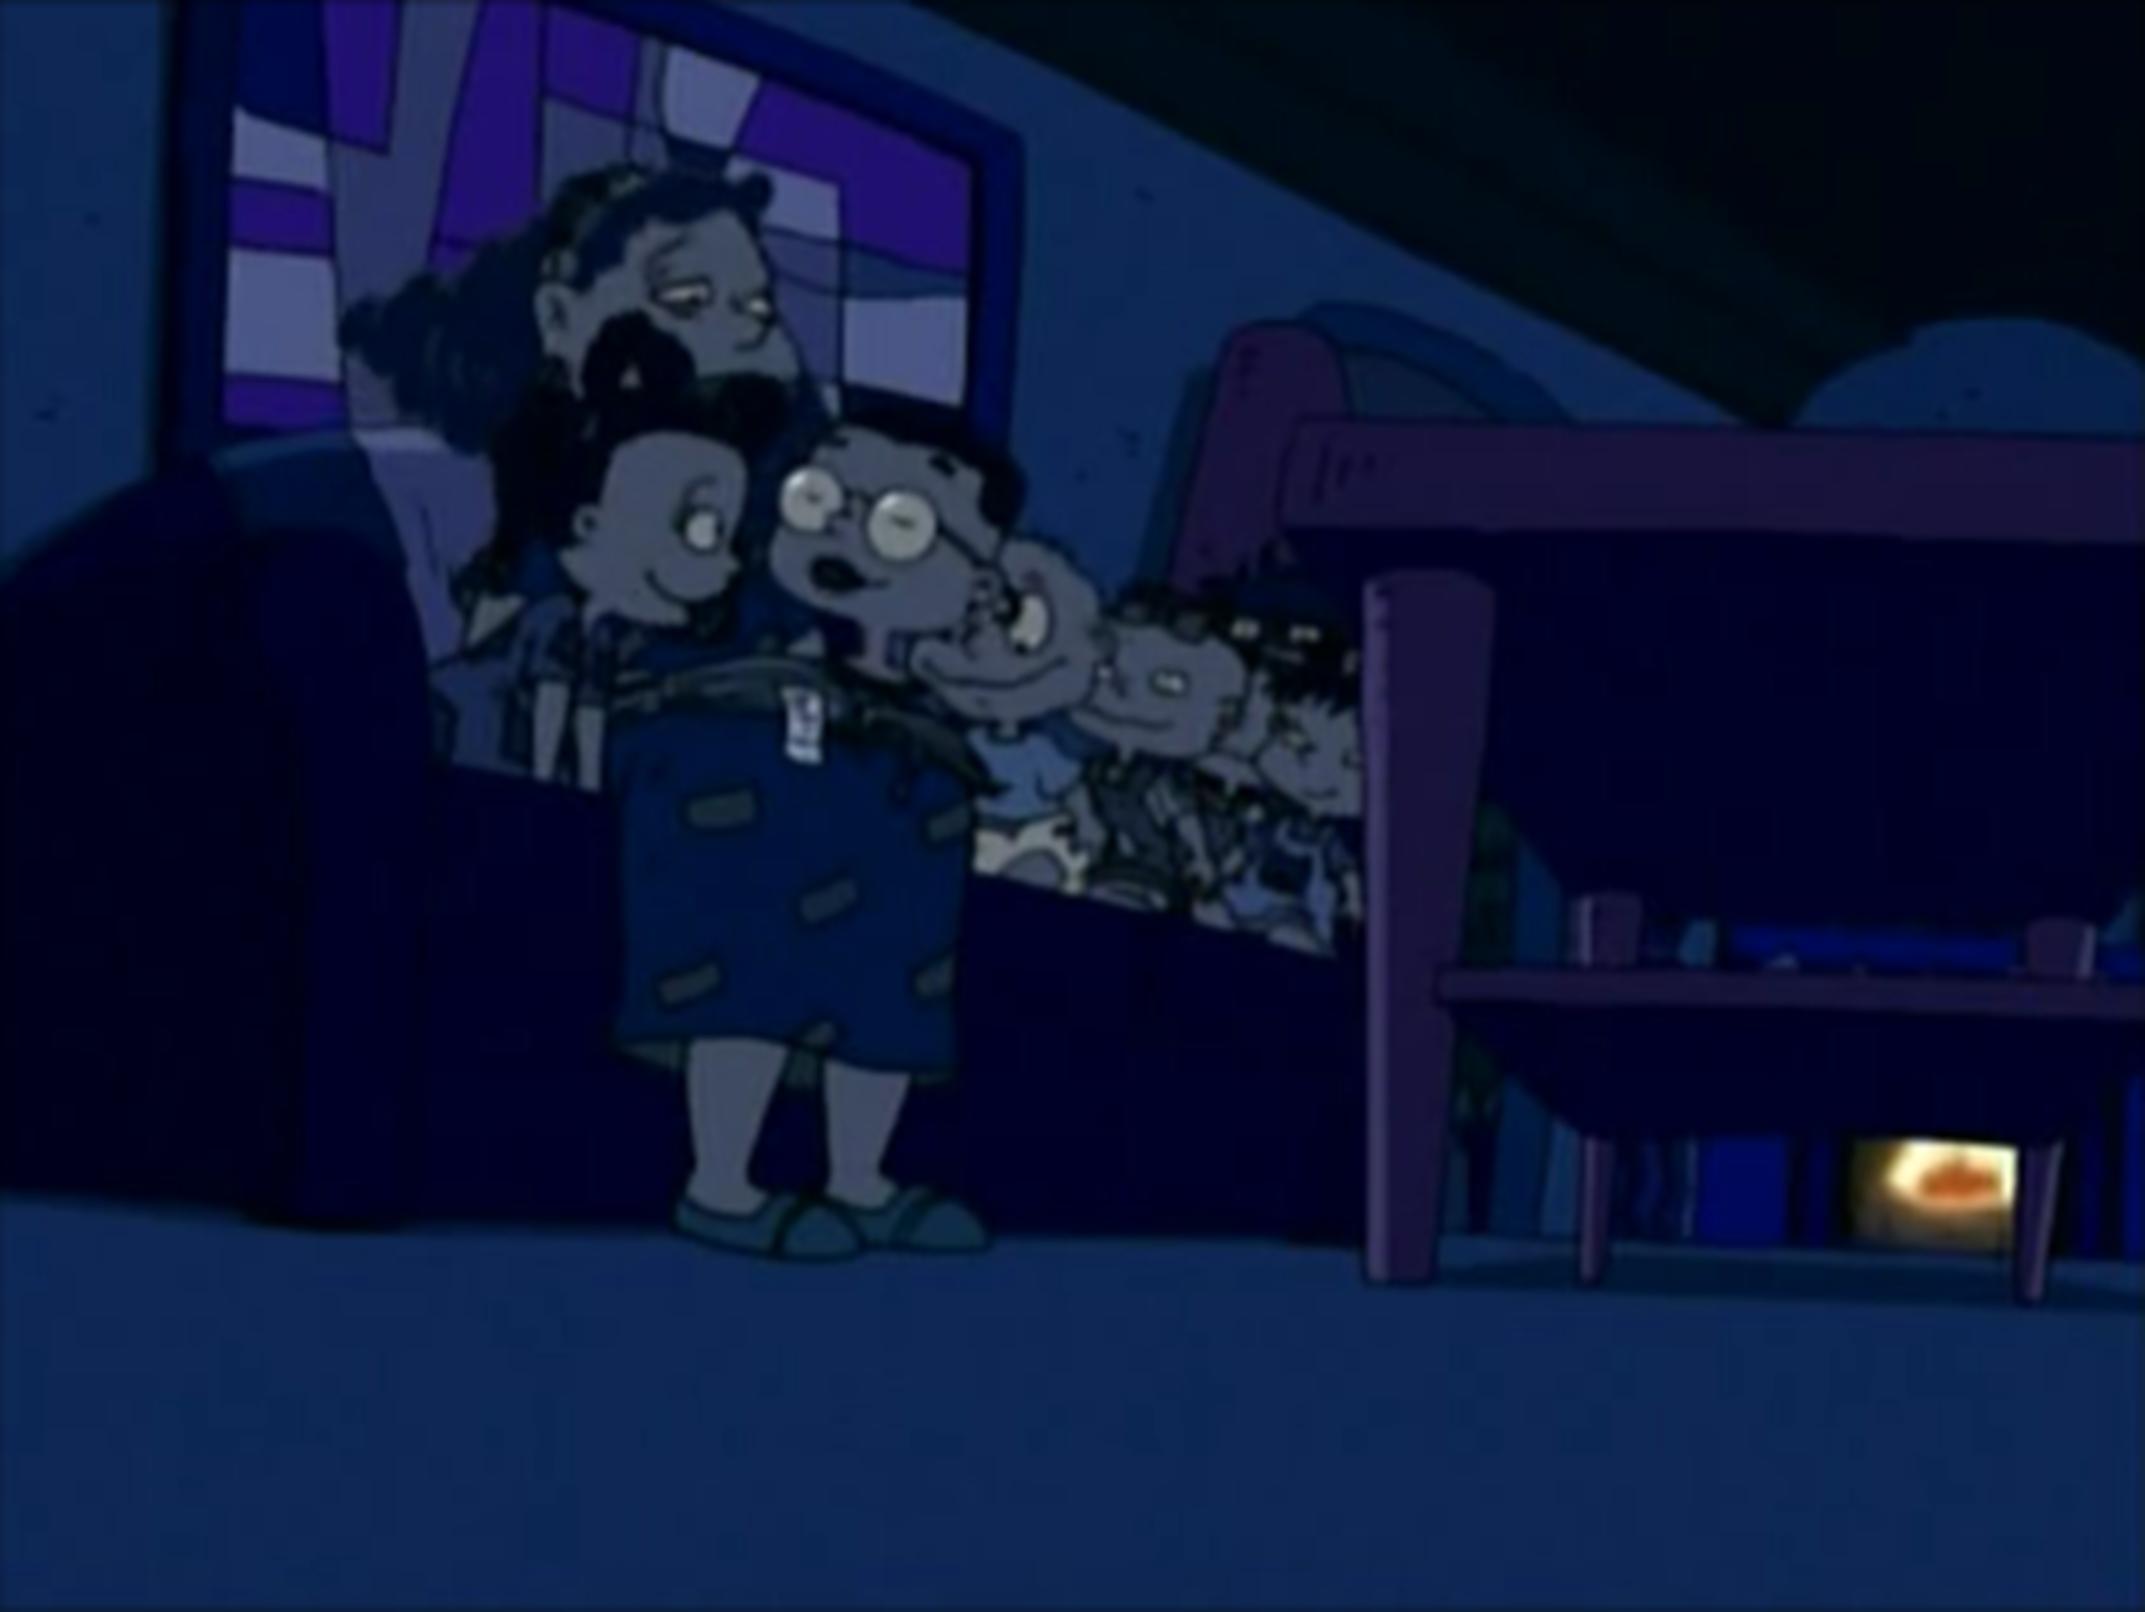 Arquivo:Rugrats - A Rugrats Kwanzaa 188.png